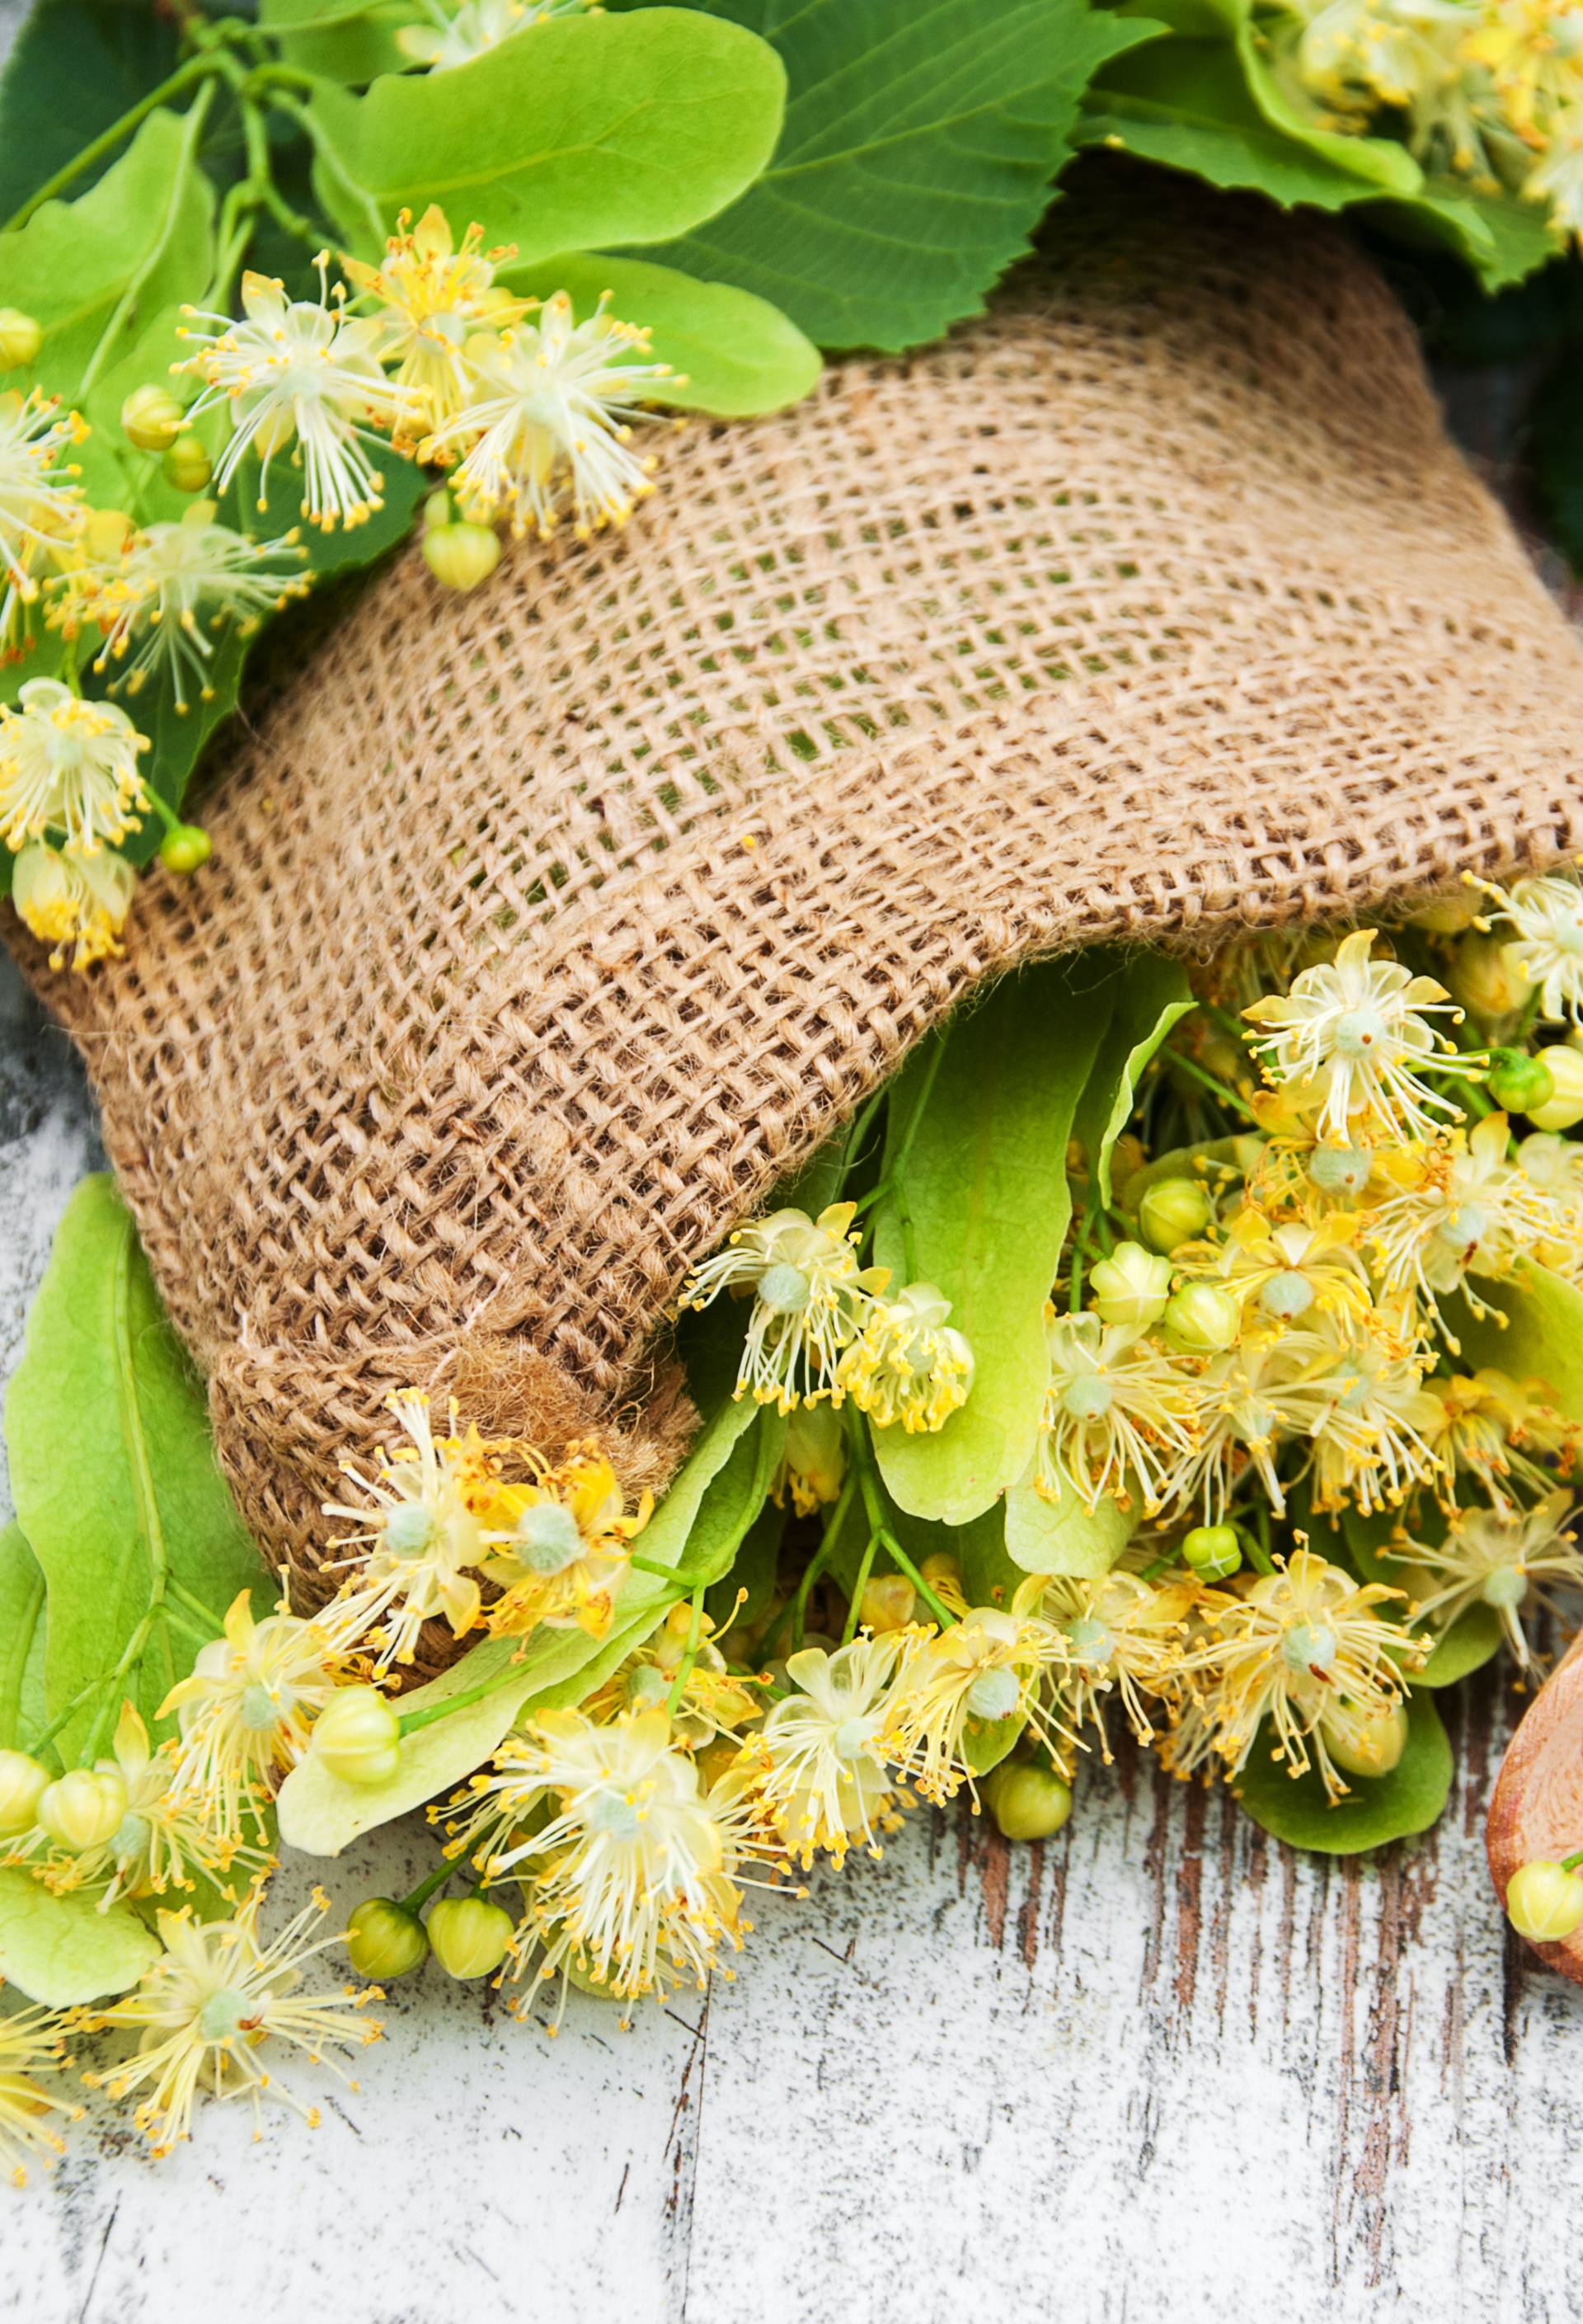 Mirisni cvjetovi lipe korisni su kod nesanice i povišenog tlaka